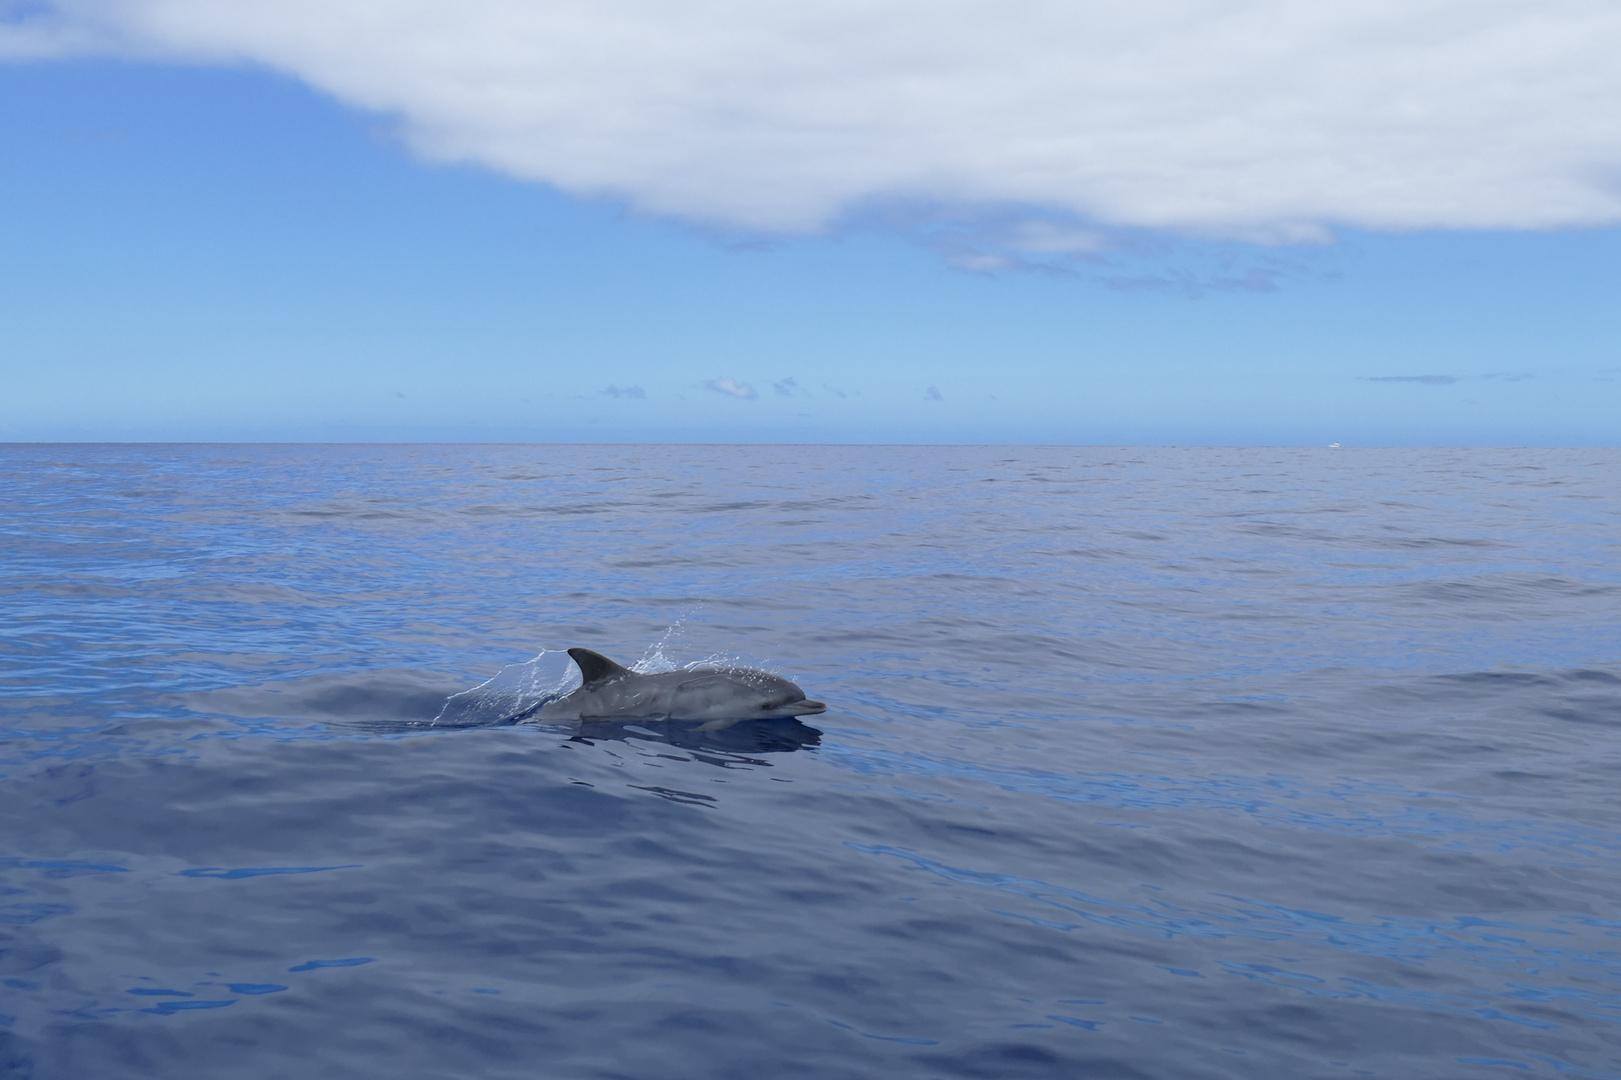 Delfin westlich von La Palma/Tazacorte